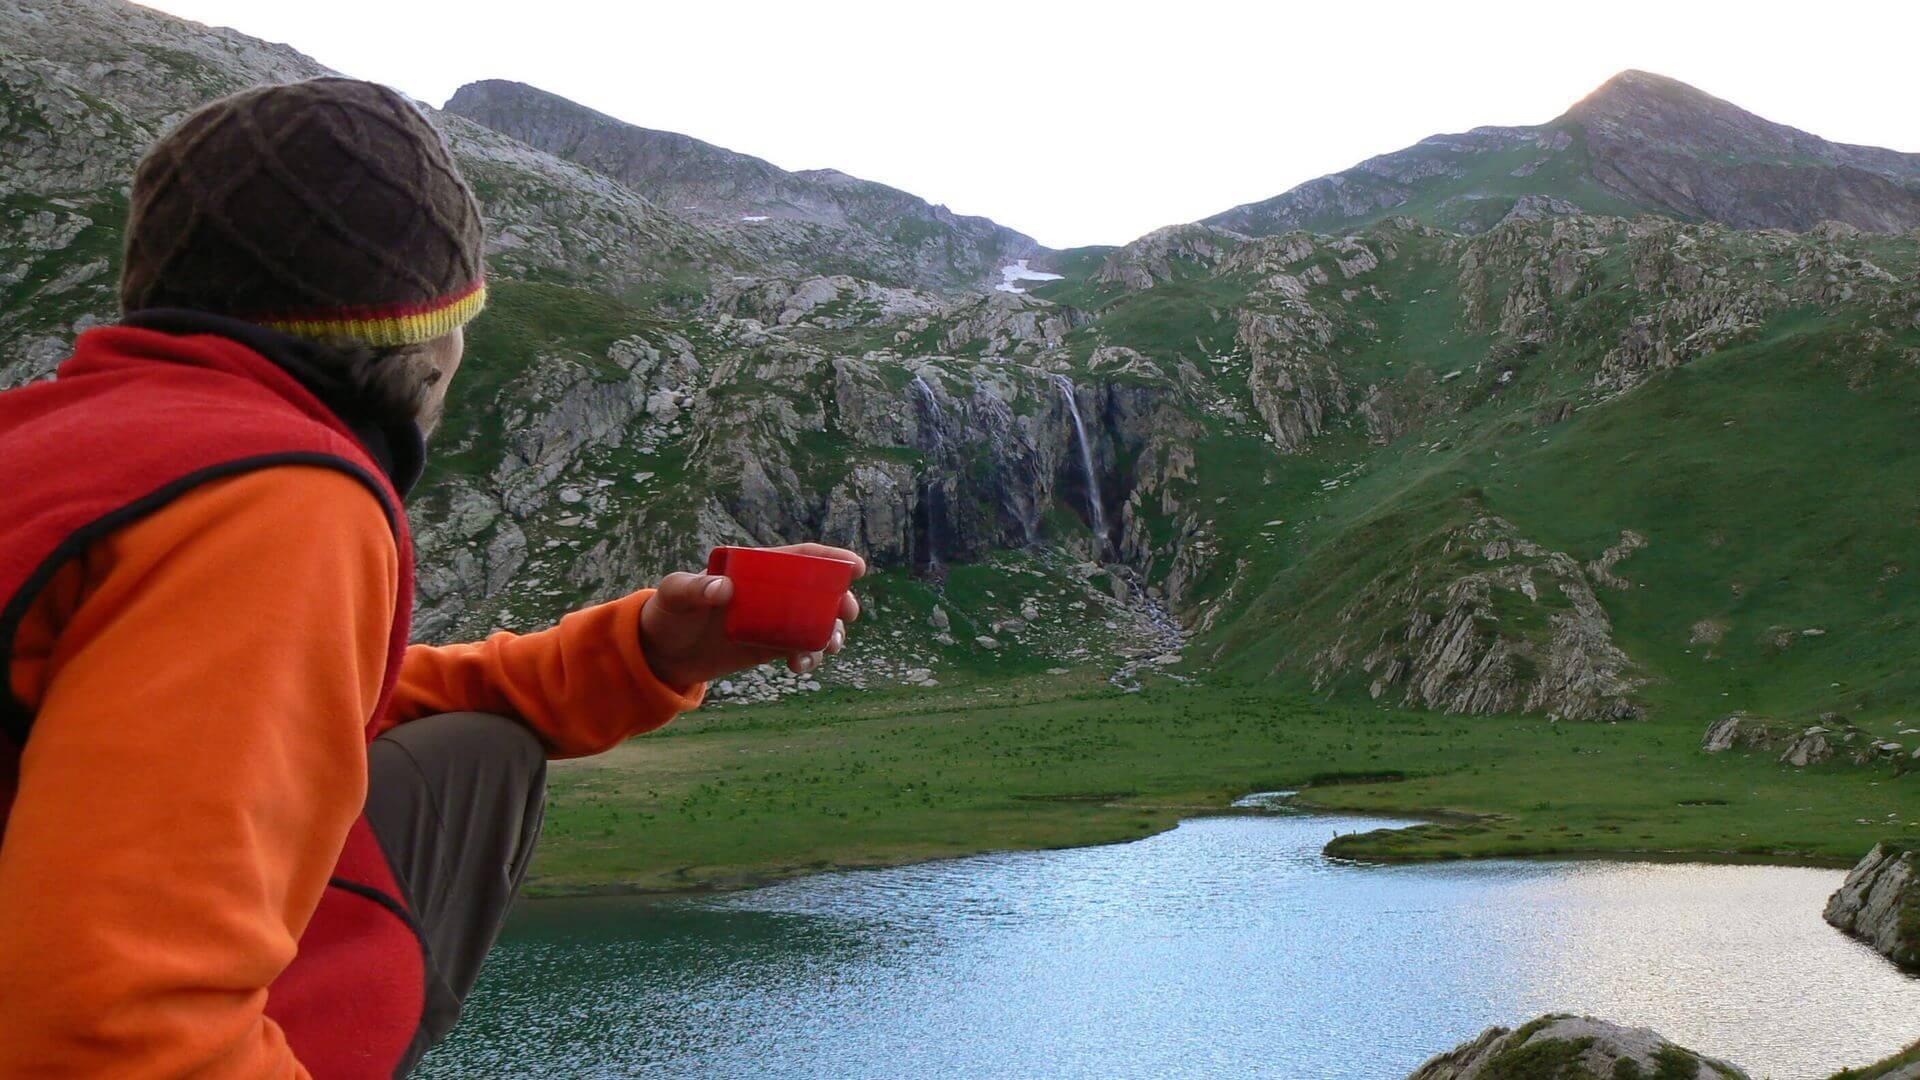 Randonnée avec guide dans les Alpes.